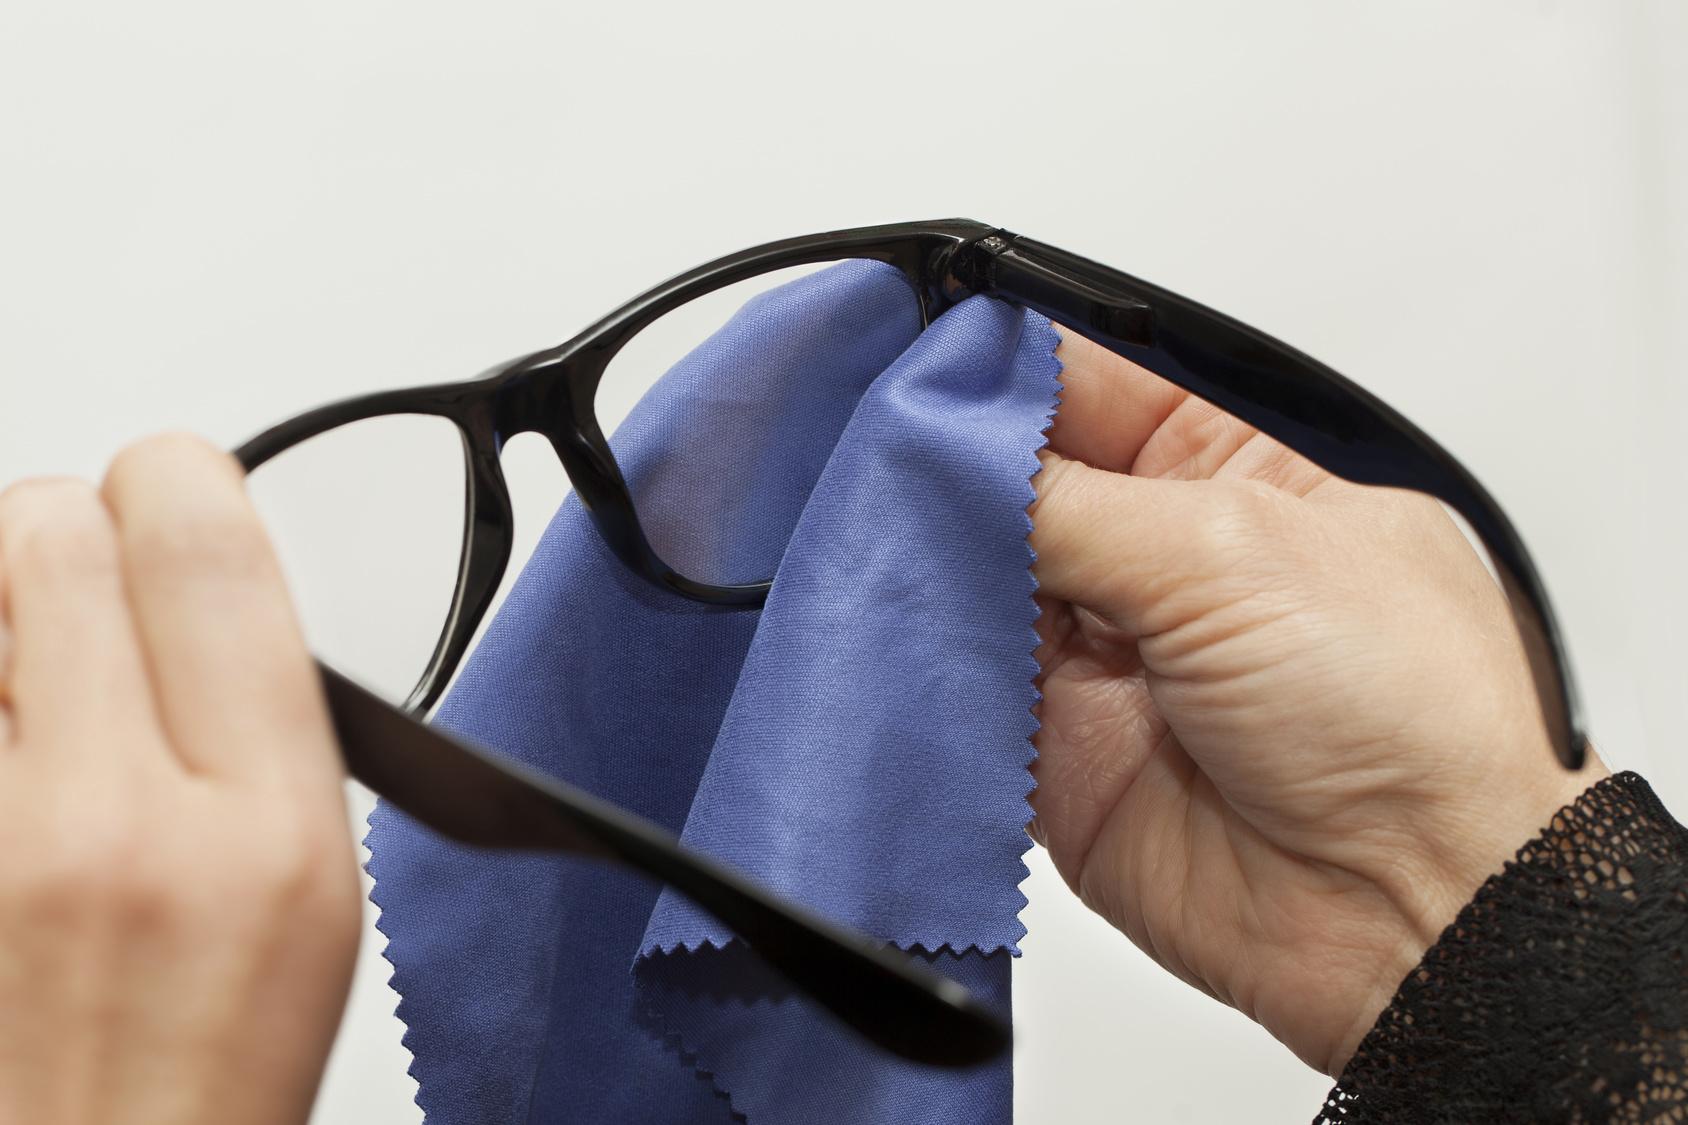 Göz Sağlığı ve Gözlük Kullanımı Nasıl Olmalıdır ?